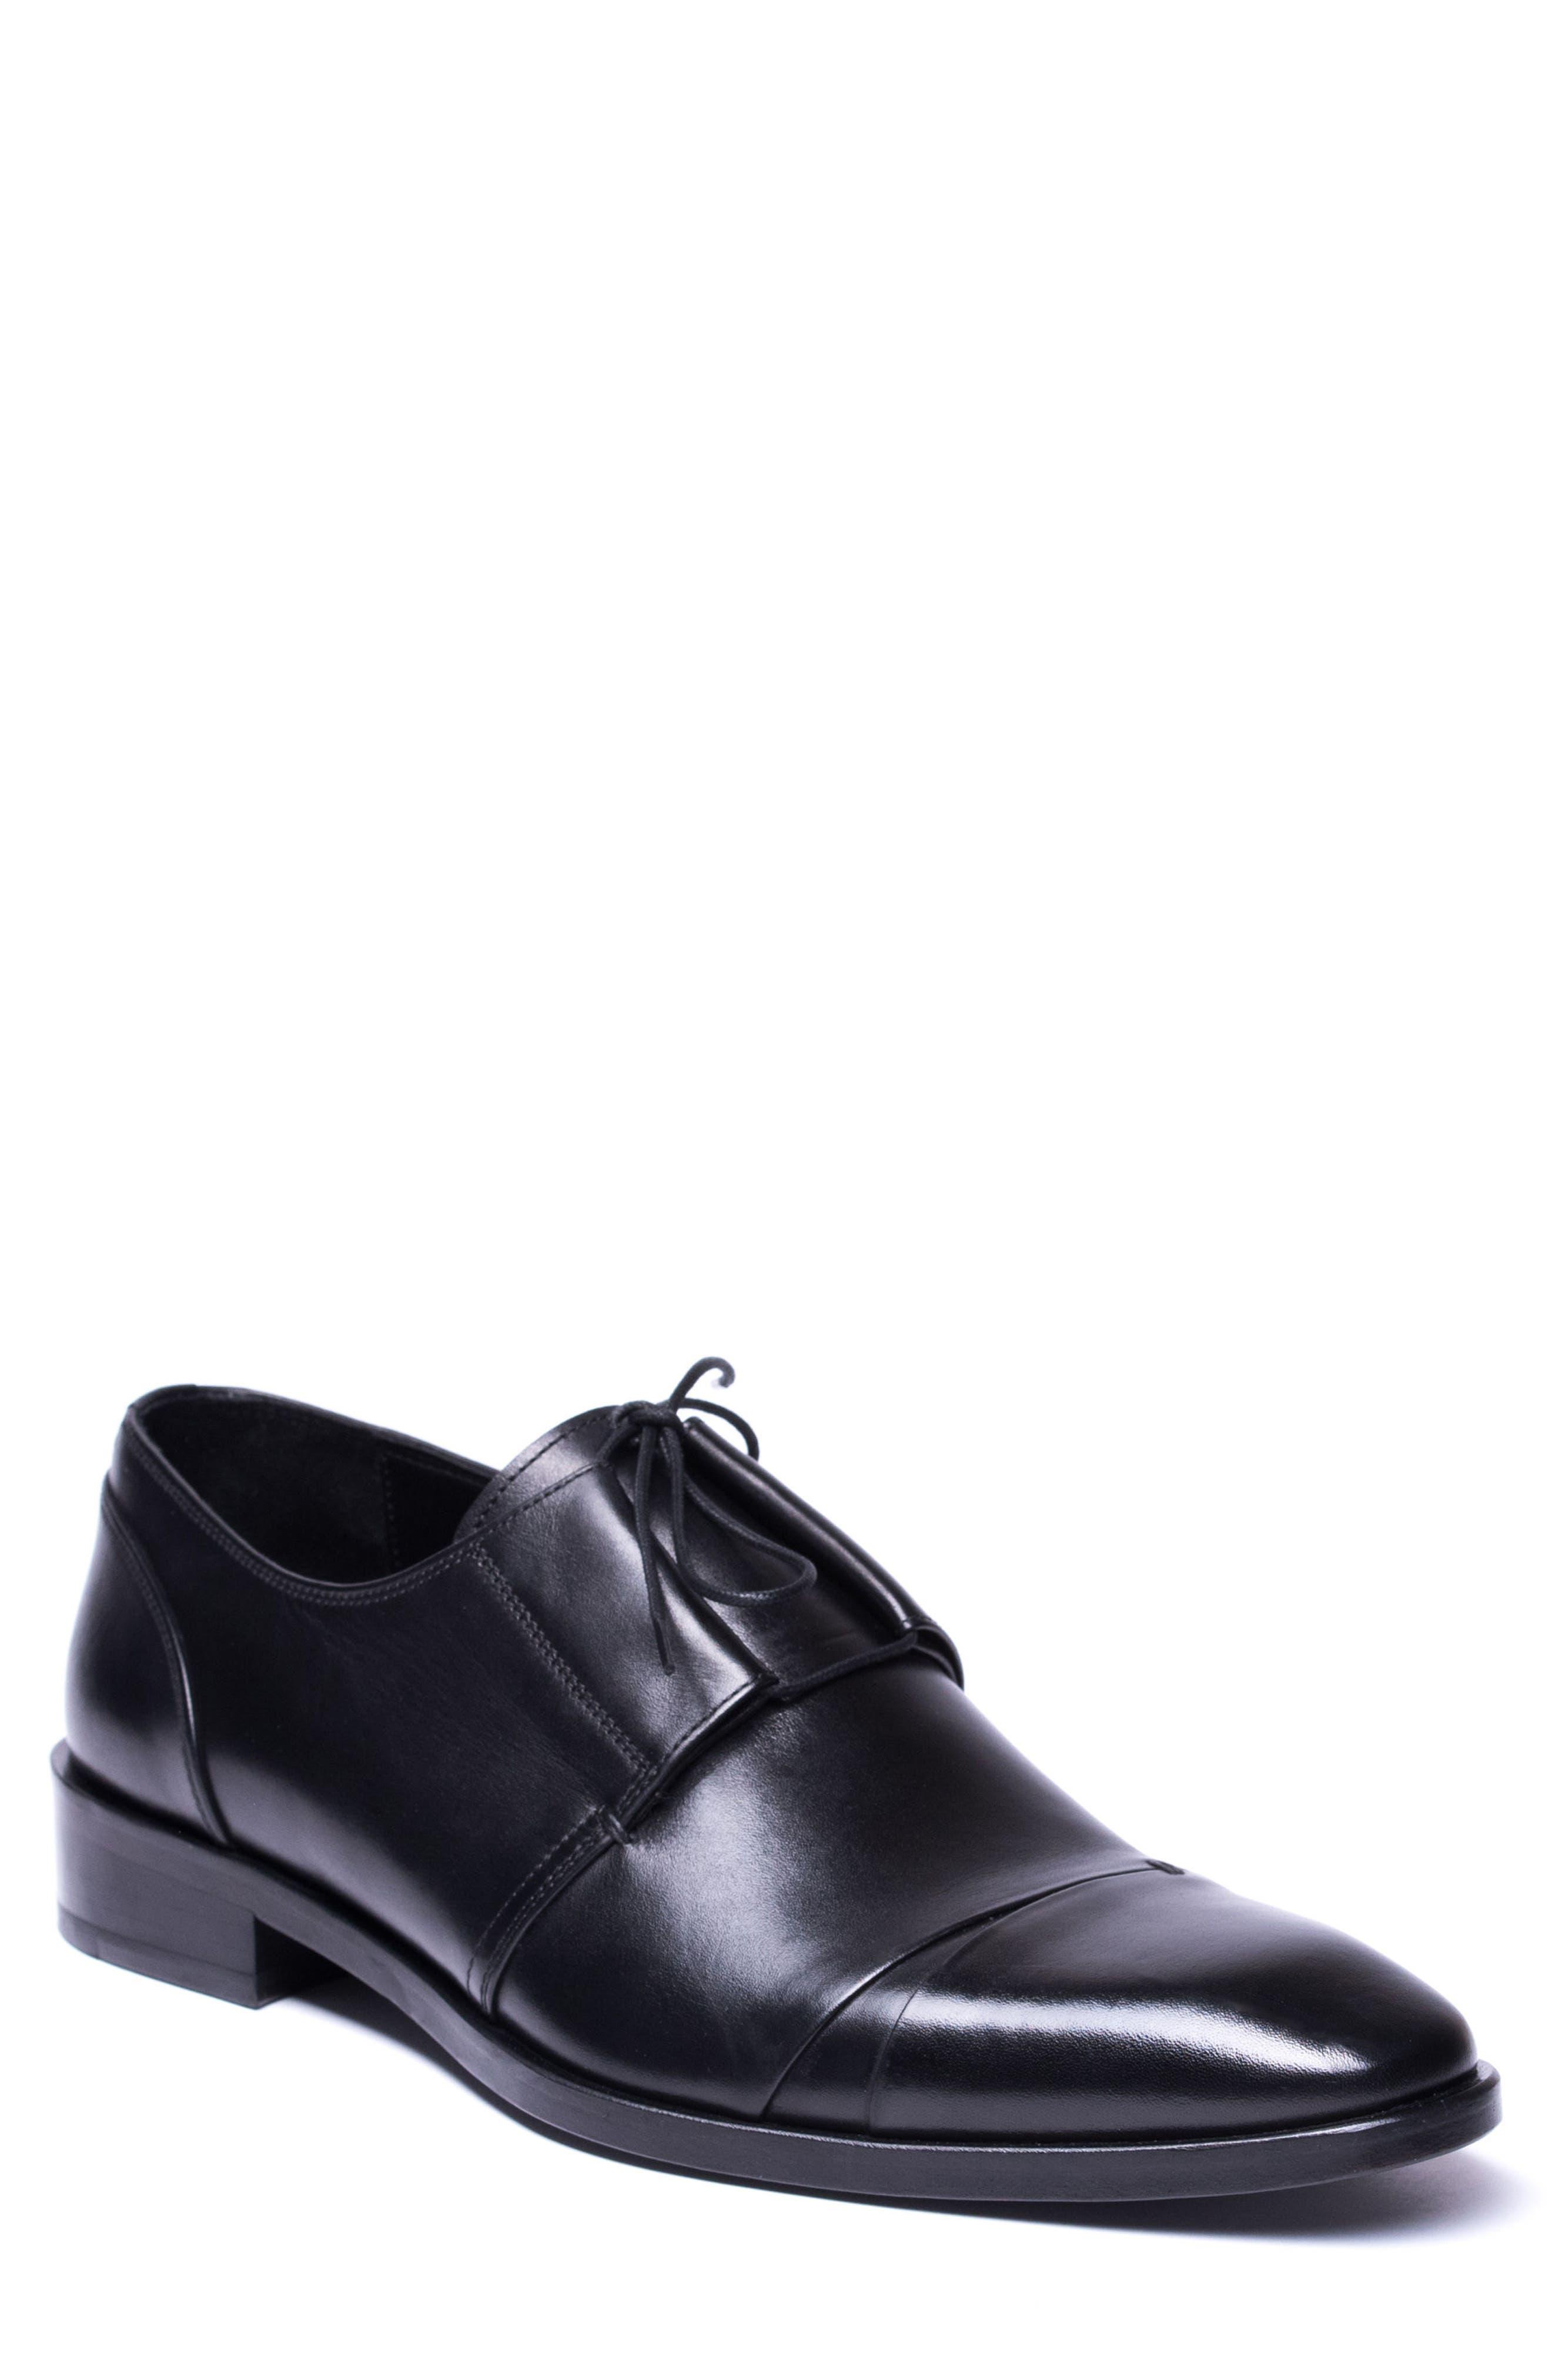 Danny Cap Toe Derby,                             Main thumbnail 1, color,                             Black Leather